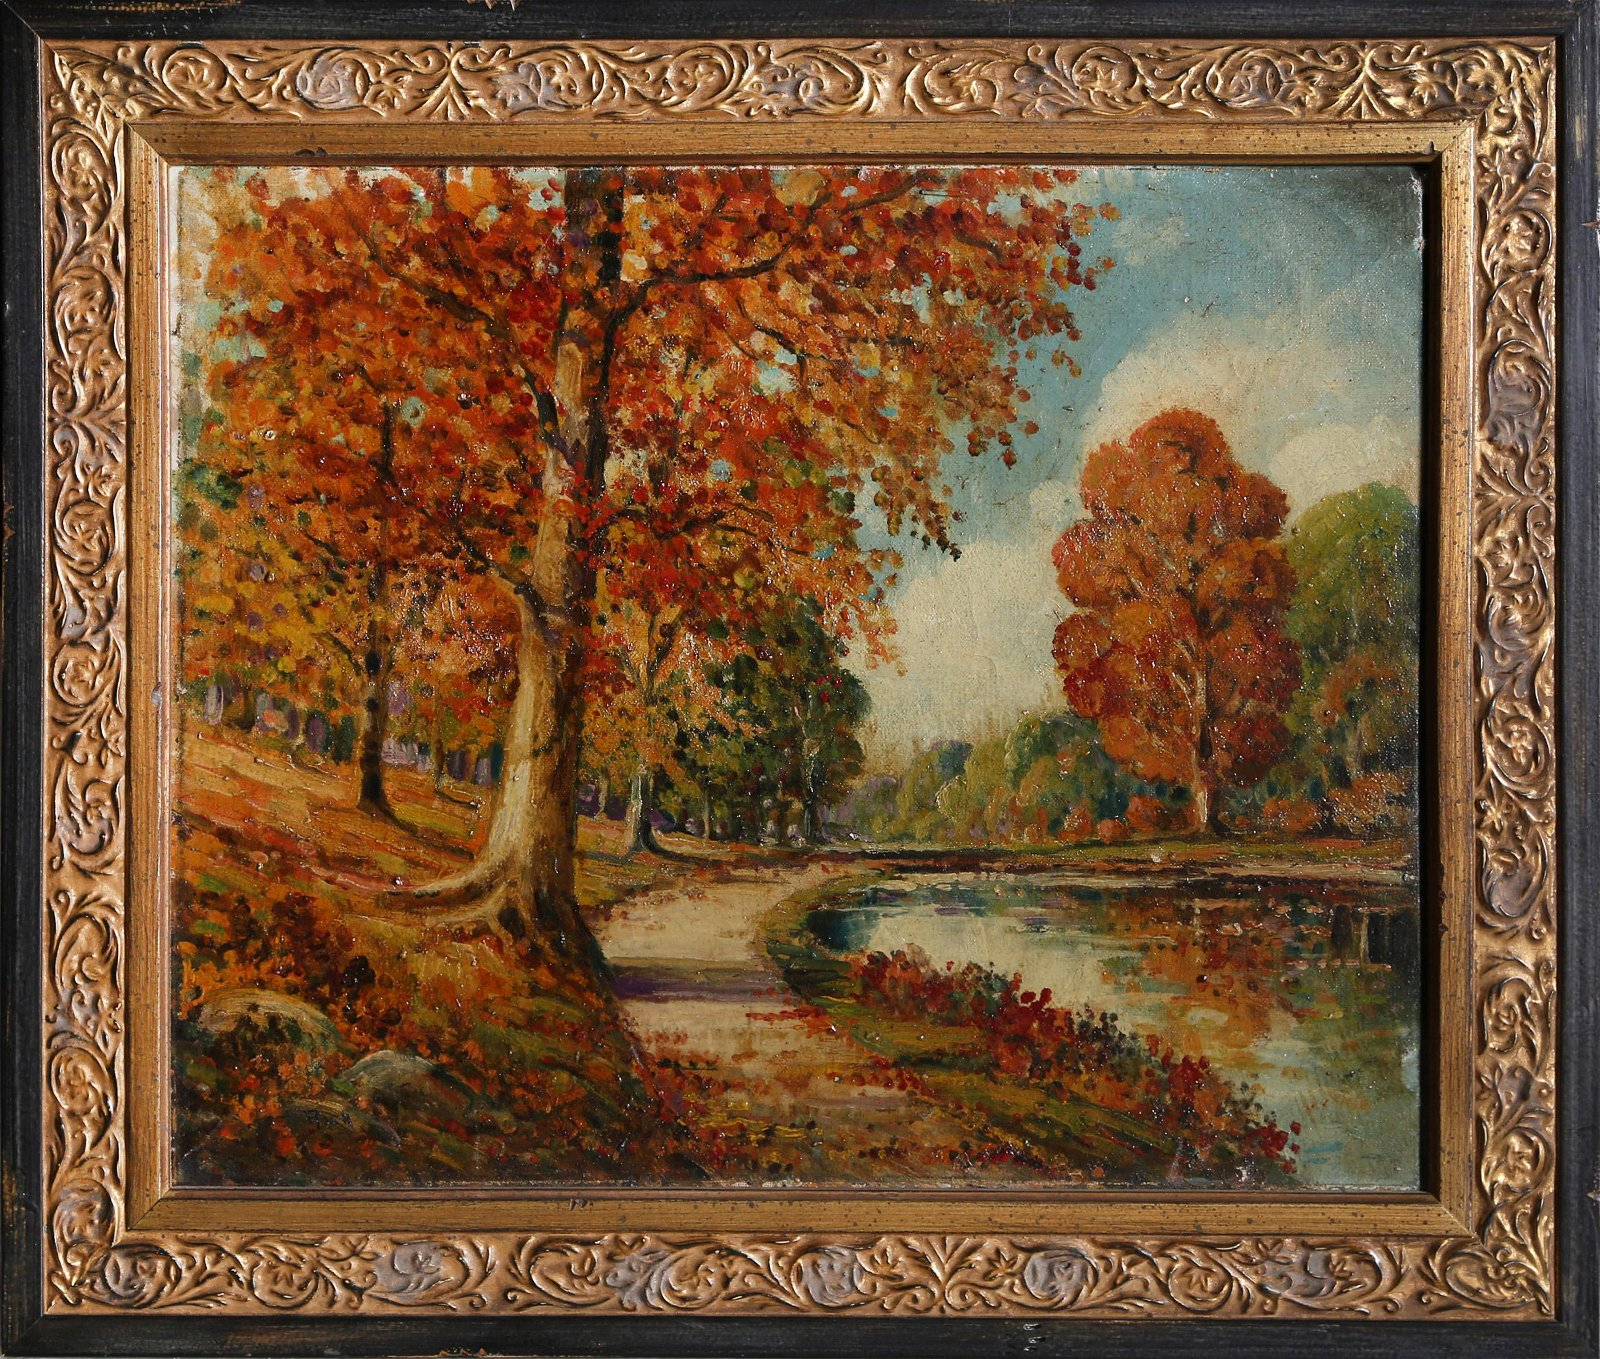 Autumn River Landscape, Oil Painting